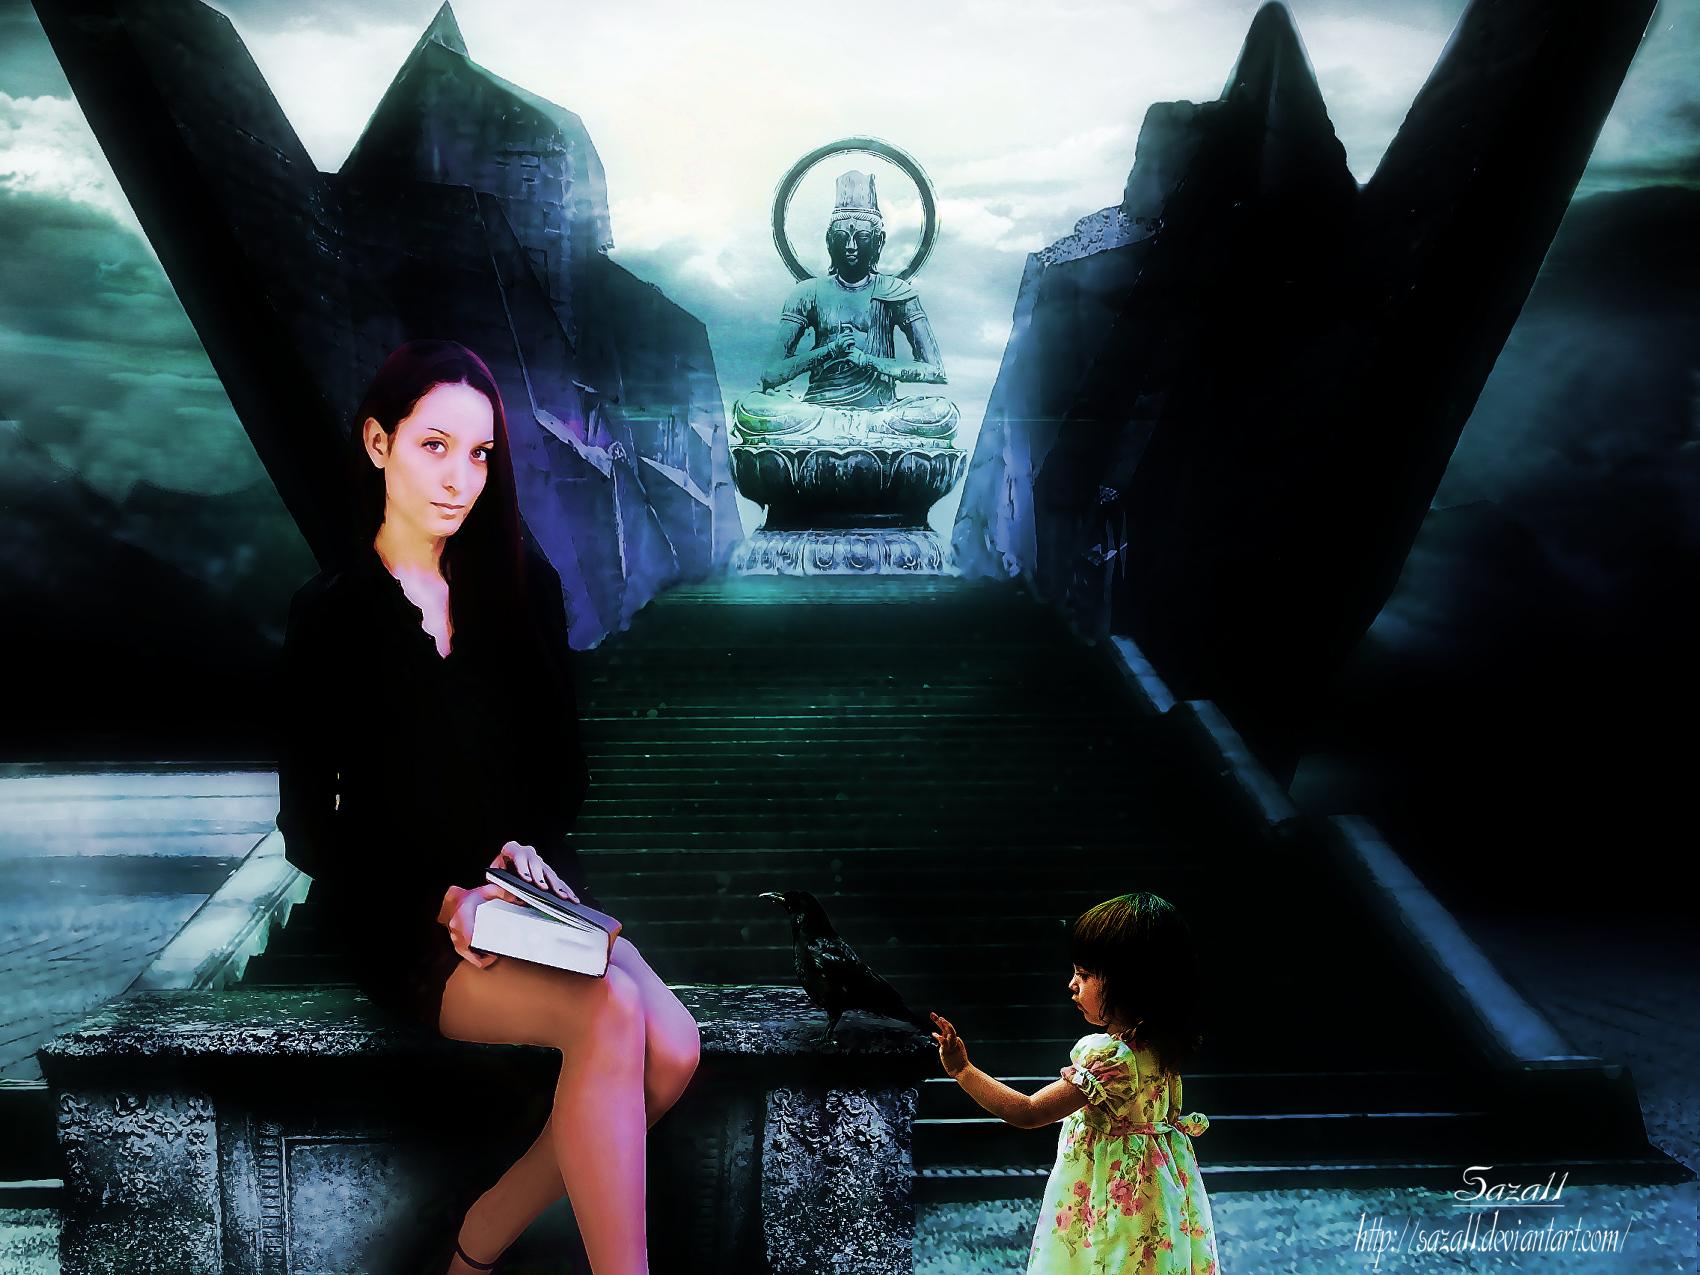 A story by saza11